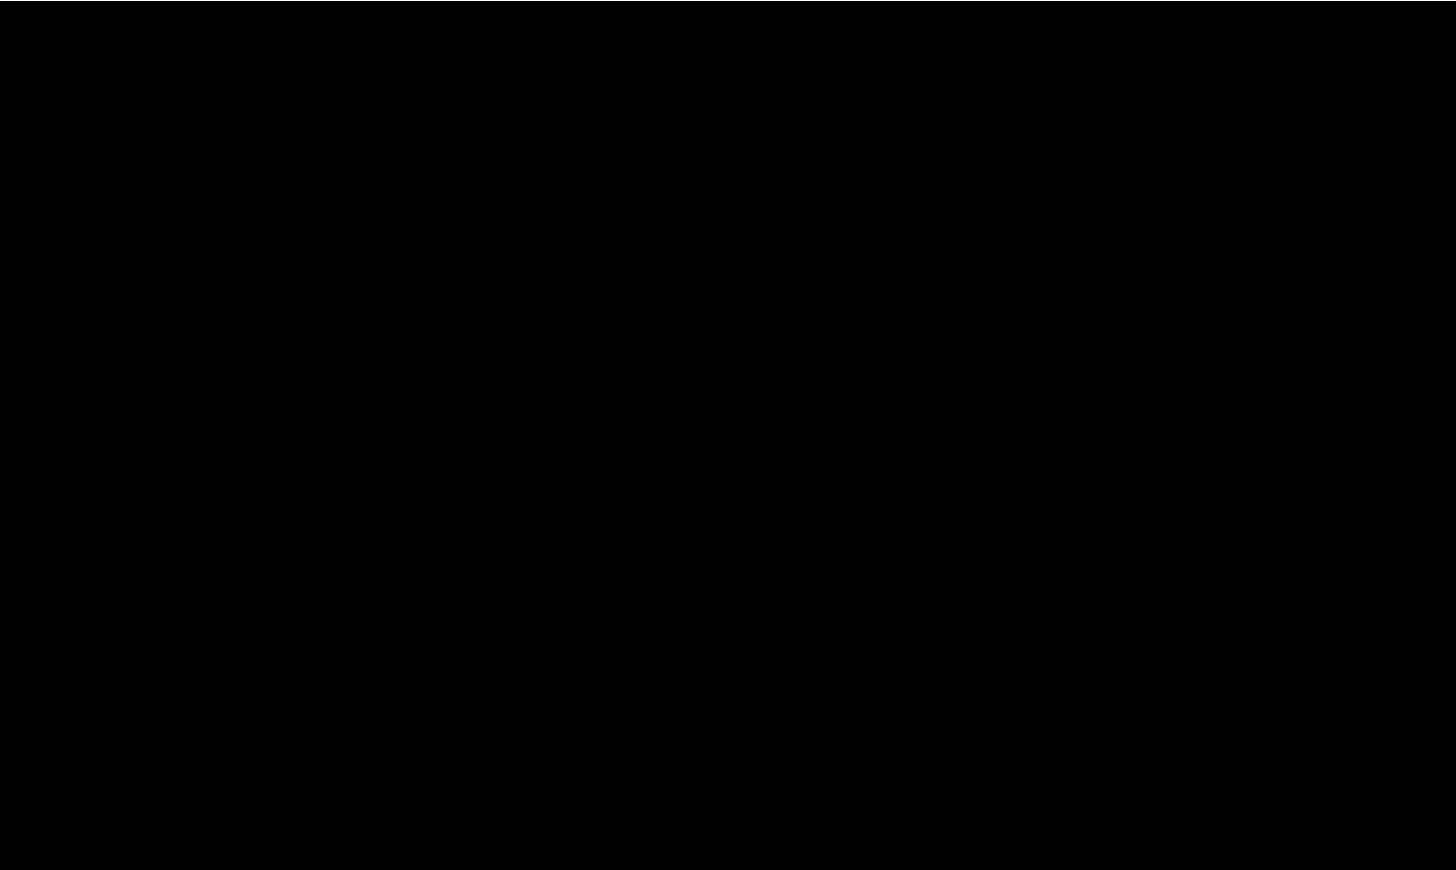 GRAUBURGUNDER - 2018 - TrockenBesser gleich die nächste Flasche parat halten...Denn dieser Grauburgunder und seine herrlich abgestimmte Süsse-Säure-Balance hat sich Genuss auf die Fahne geschrieben! Am besten zu hellem Fleisch oder Fischgerichten servieren.